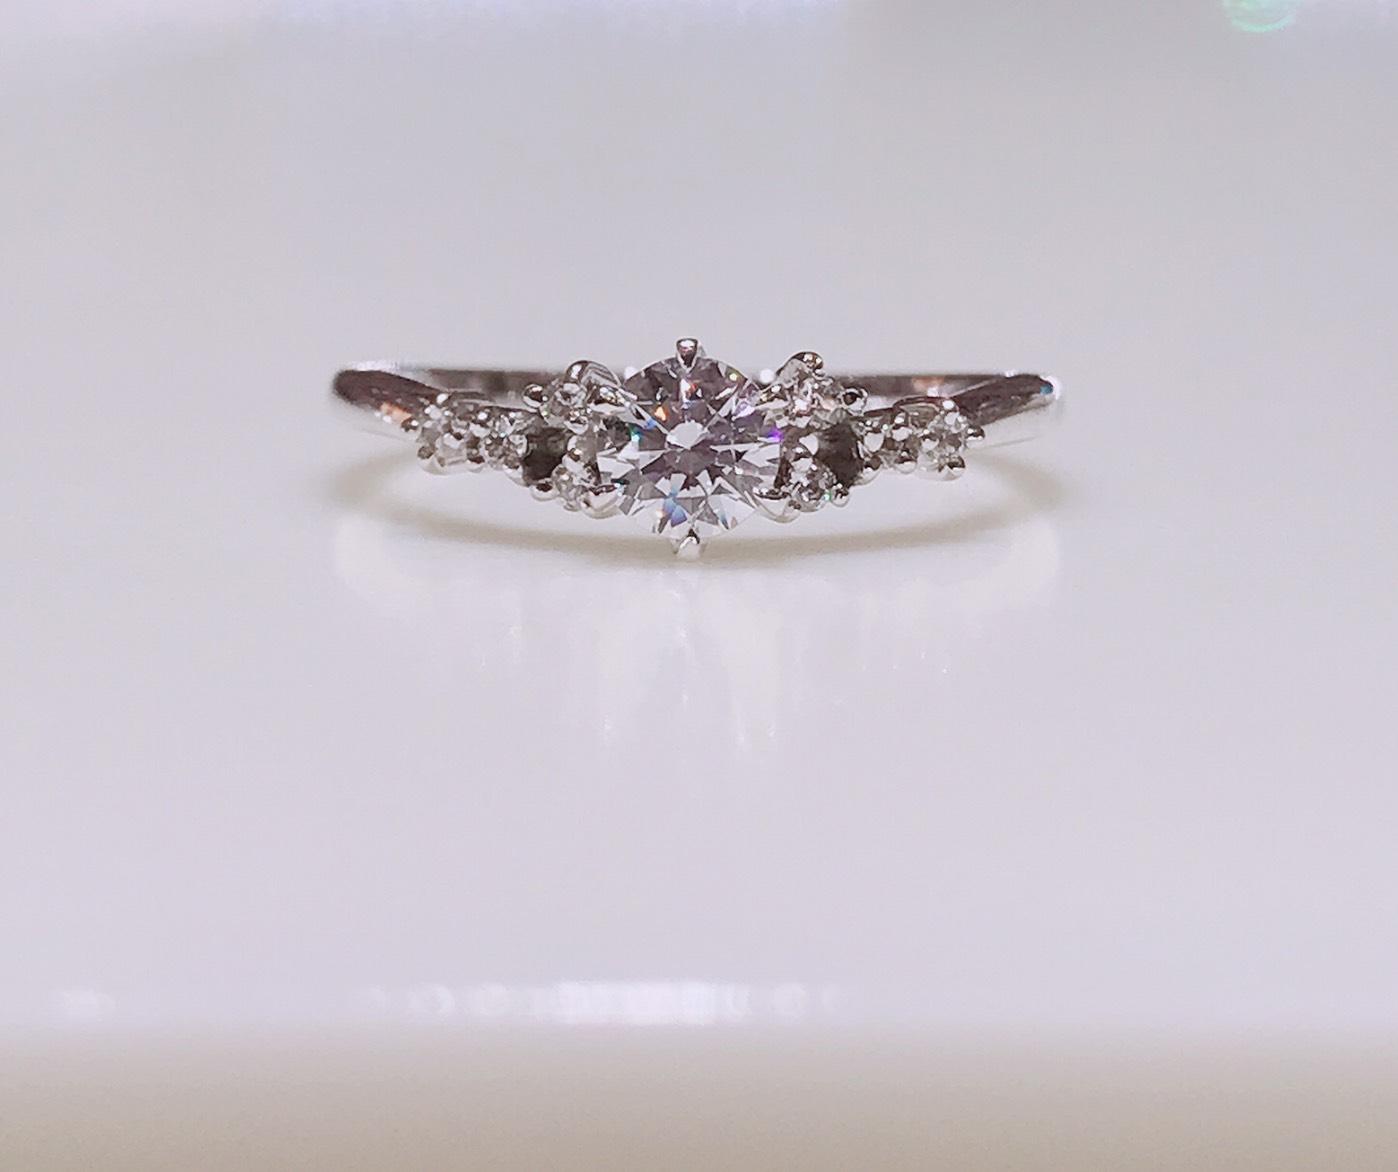 BROOCH 婚約指輪 エンゲージリング ティアラ風デザイン